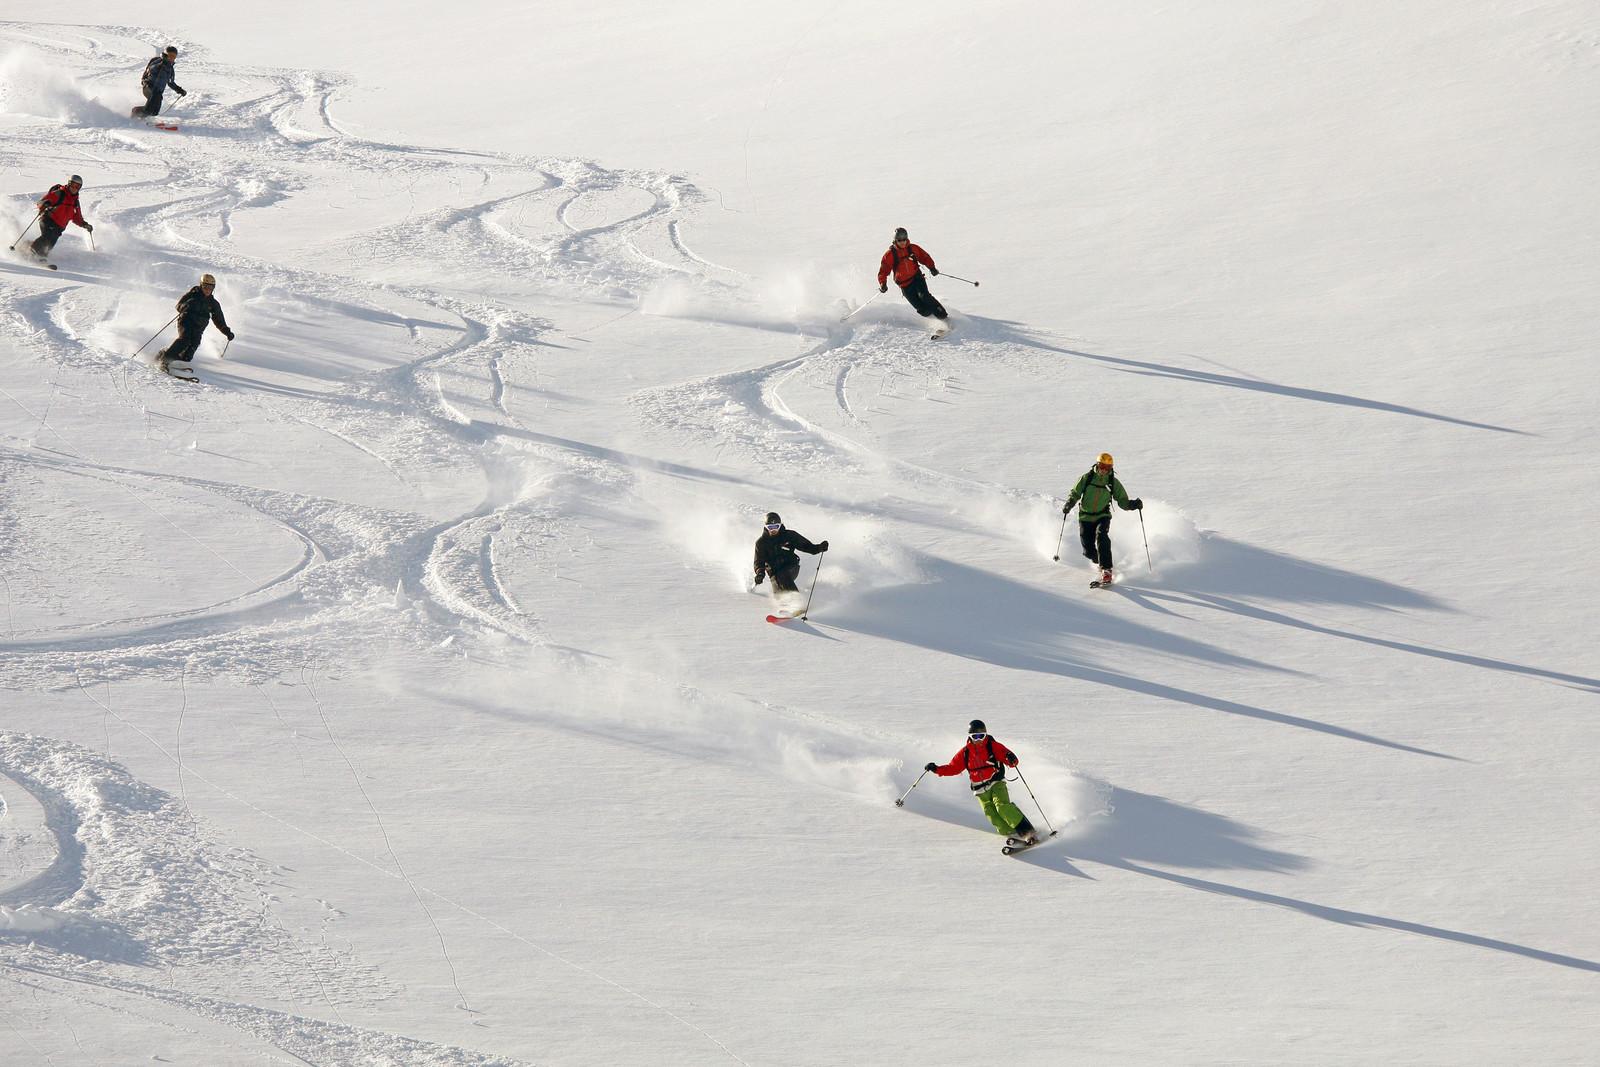 Idyllic skiing